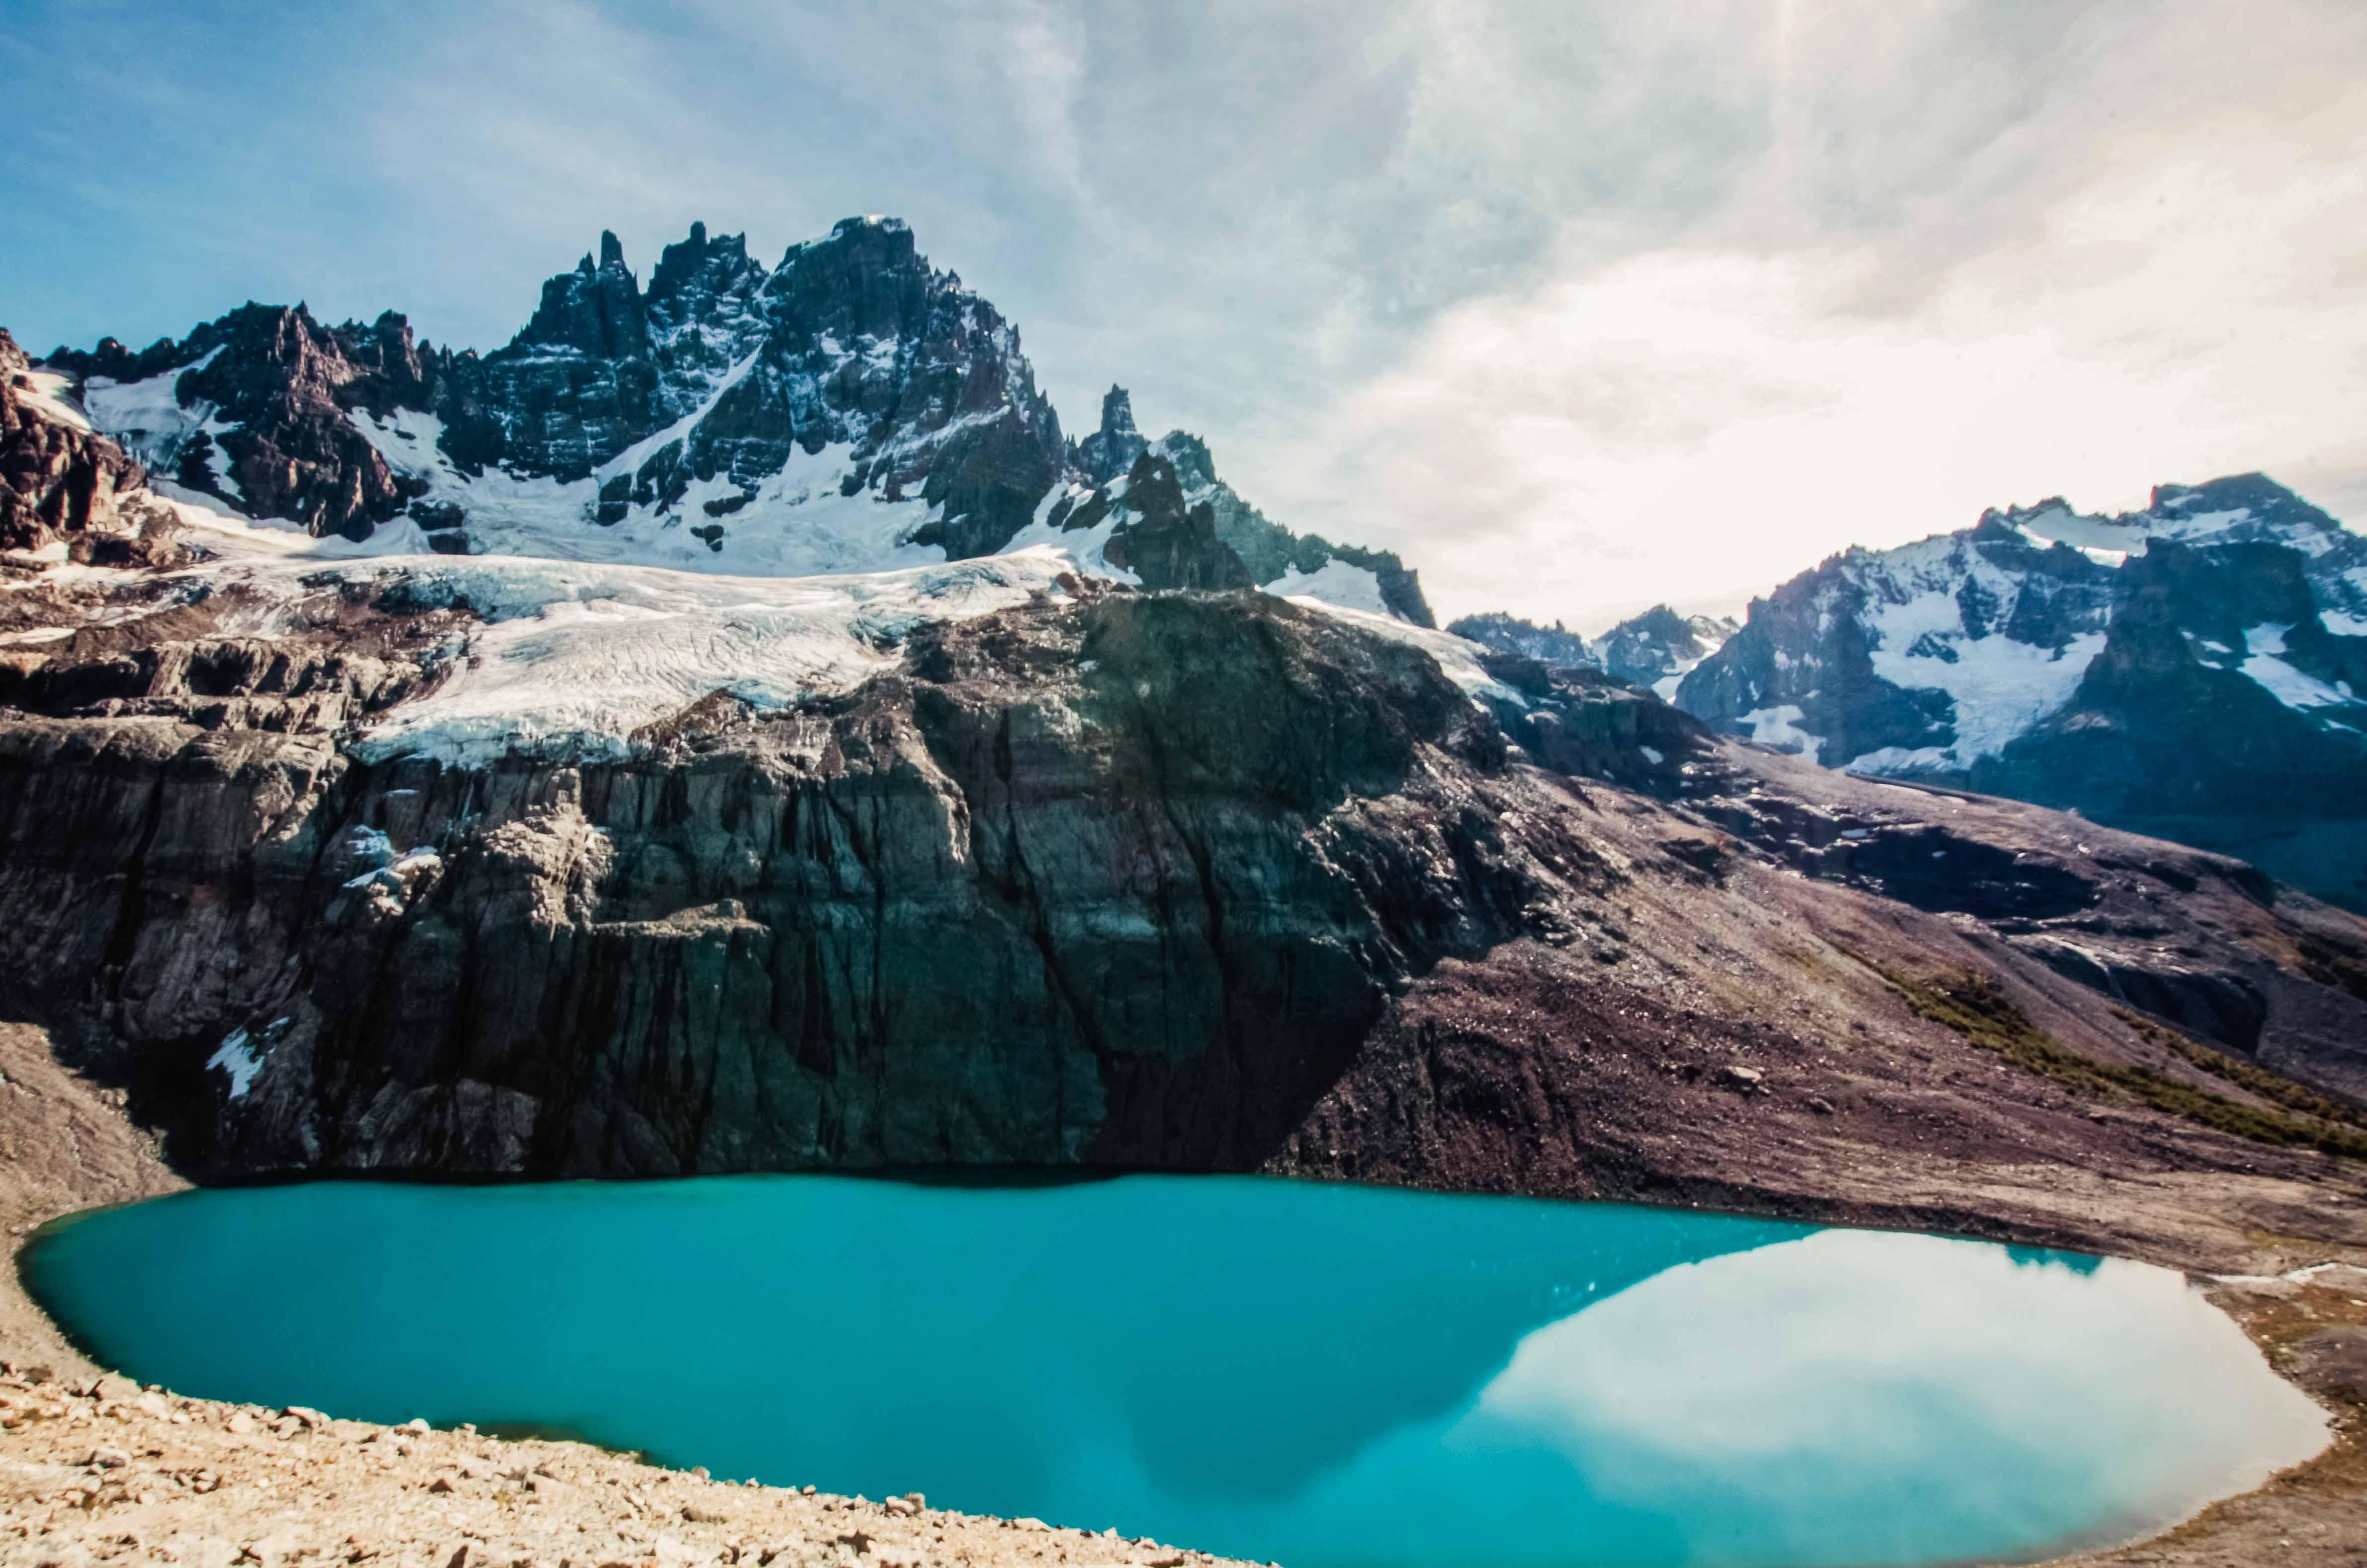 Cerro_Castillo_Lagoon.jpg